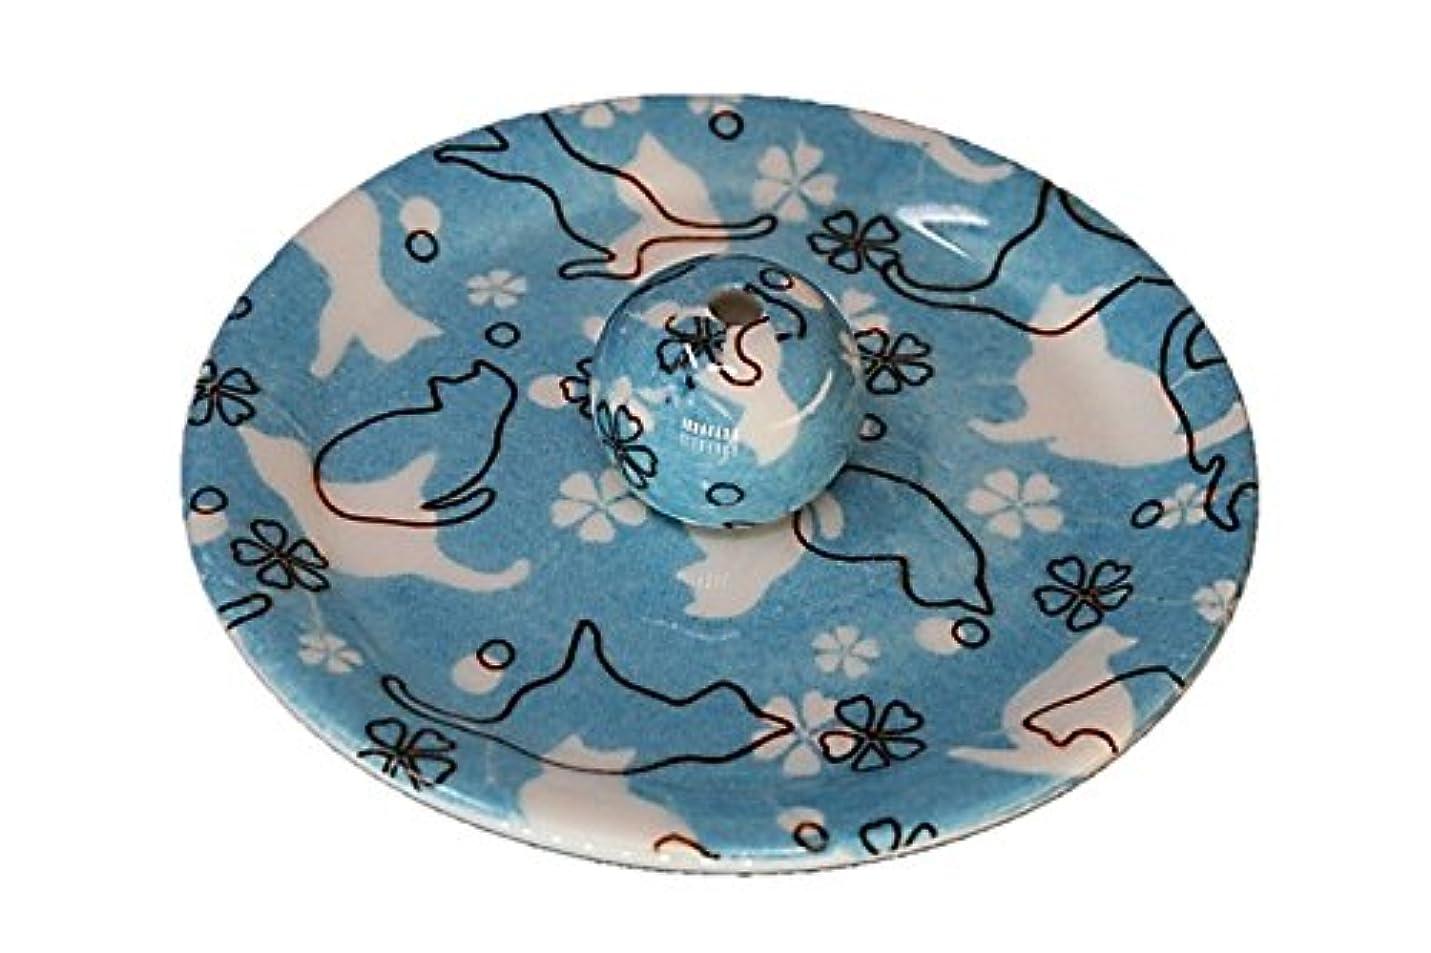 フルーティーフォロー報復9-45 ねこランド(ブルー) 9cm香皿 日本製 お香立て 陶器 猫柄